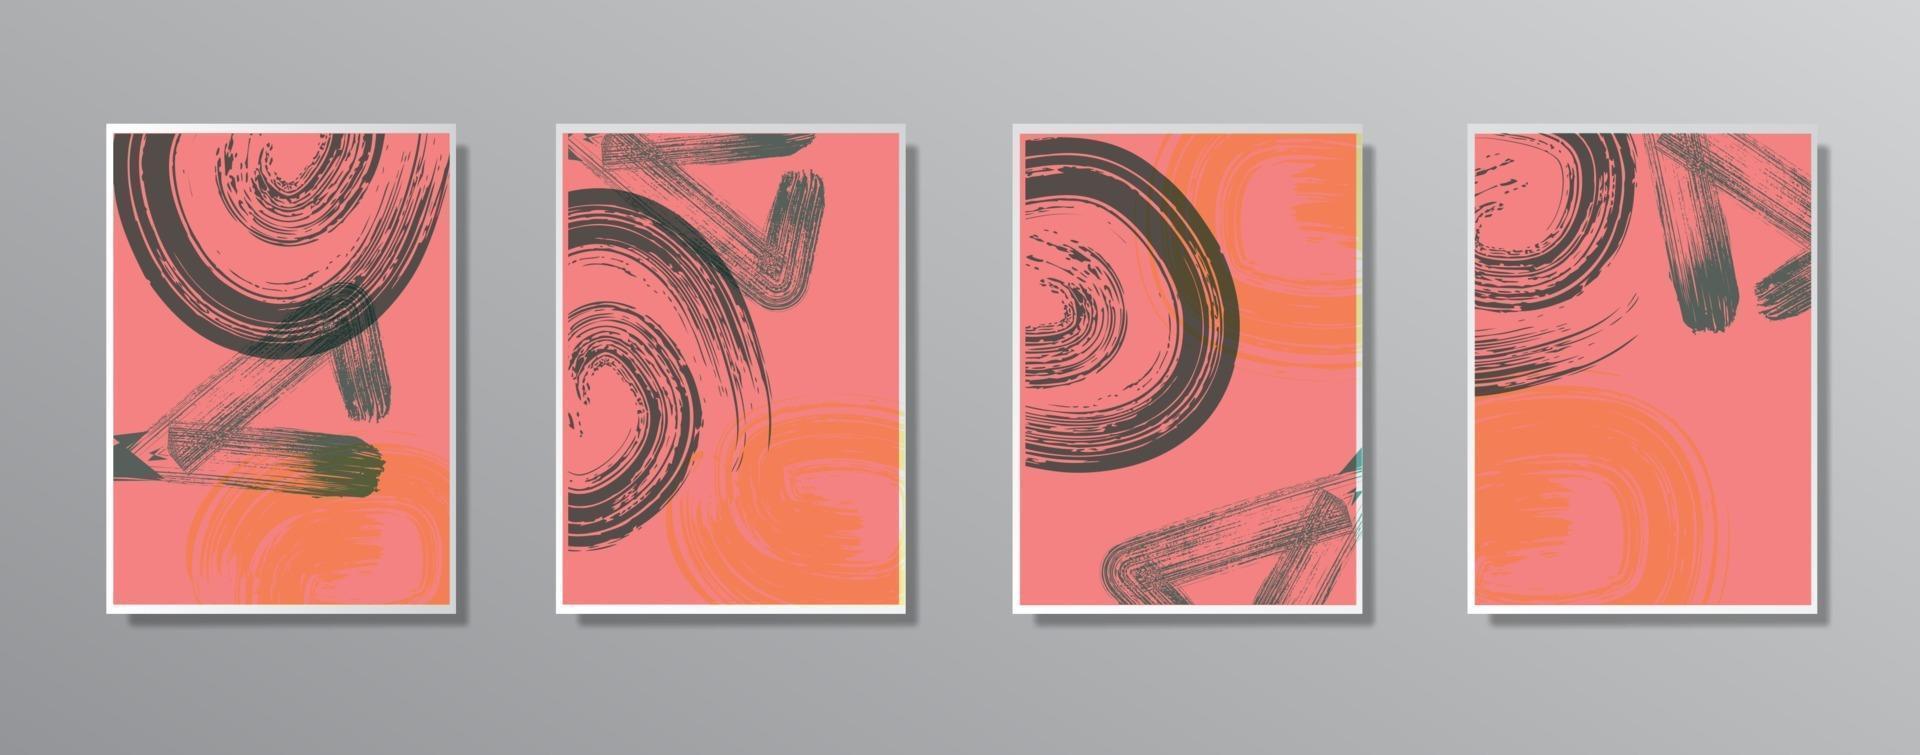 conjunto de ilustrações de cores neutras vintage desenhadas à mão minimalista criativa, para a parede. para cartão-presente, pôster em modelo de pôster de parede, página de destino, interface do usuário, ux, capa, baner, vetor